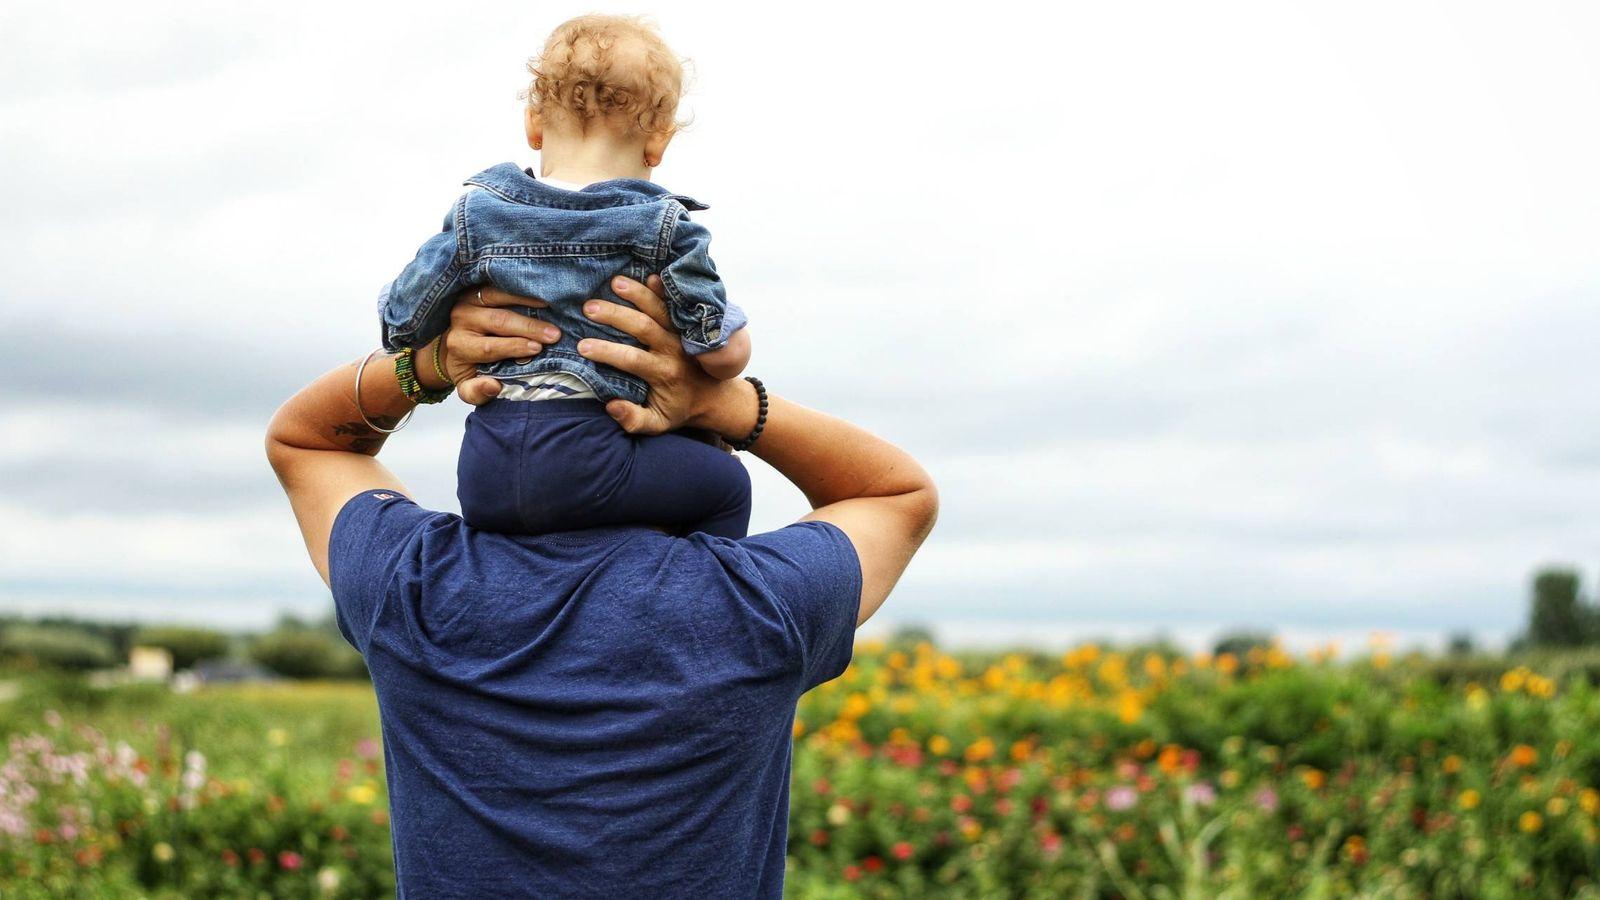 Foto: El 19 de marzo es el Día del Padre